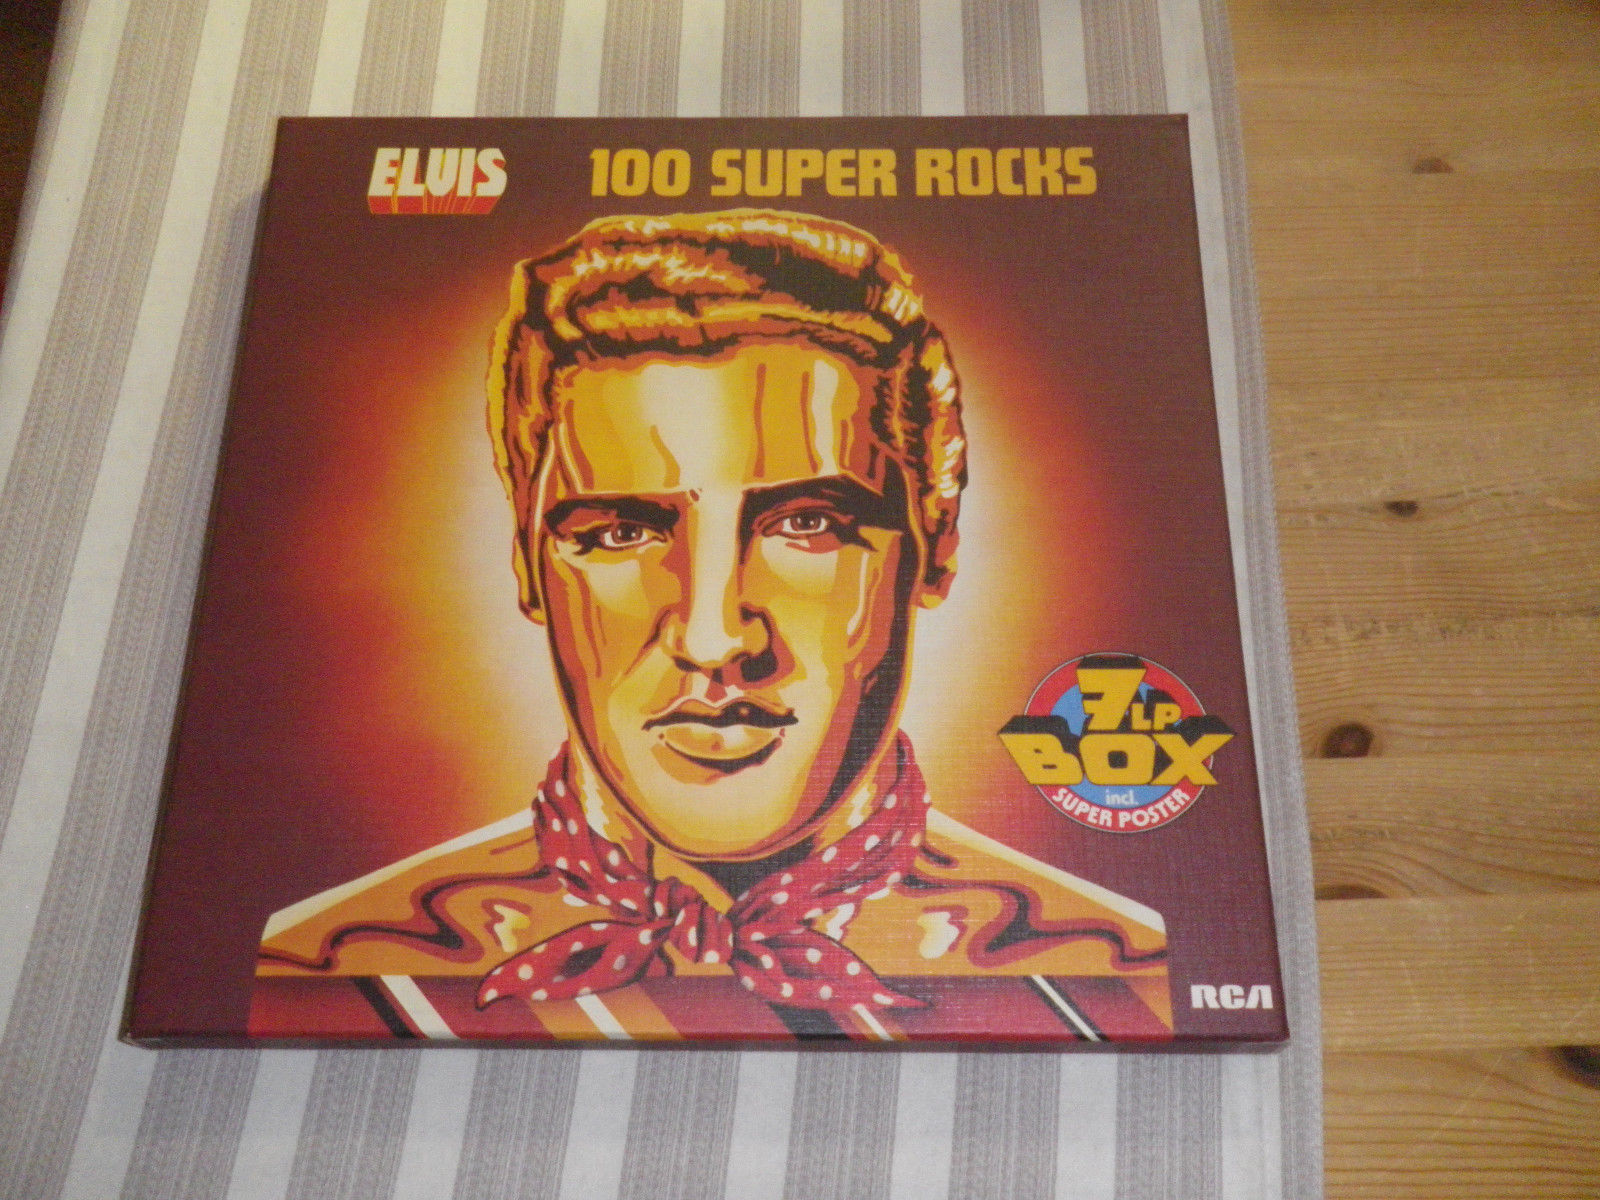 """ELVIS PRESLEY: 100 Super Rocks, 7 LP-BOX + SUPER POSTER, RCA, GER, 12""""    *TOP*"""